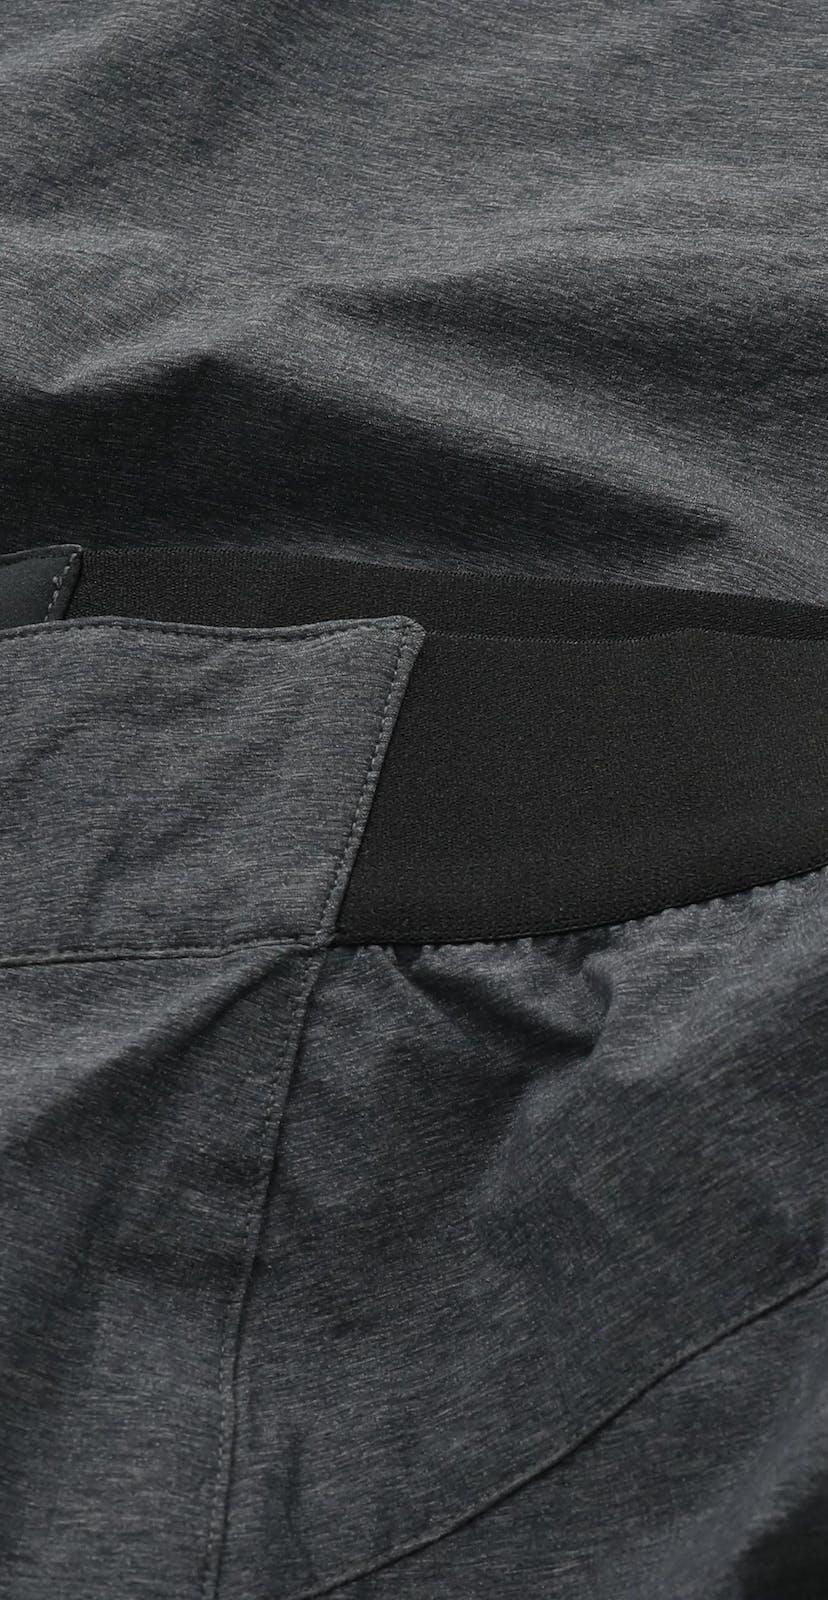 2020 Mason Short Detail 1